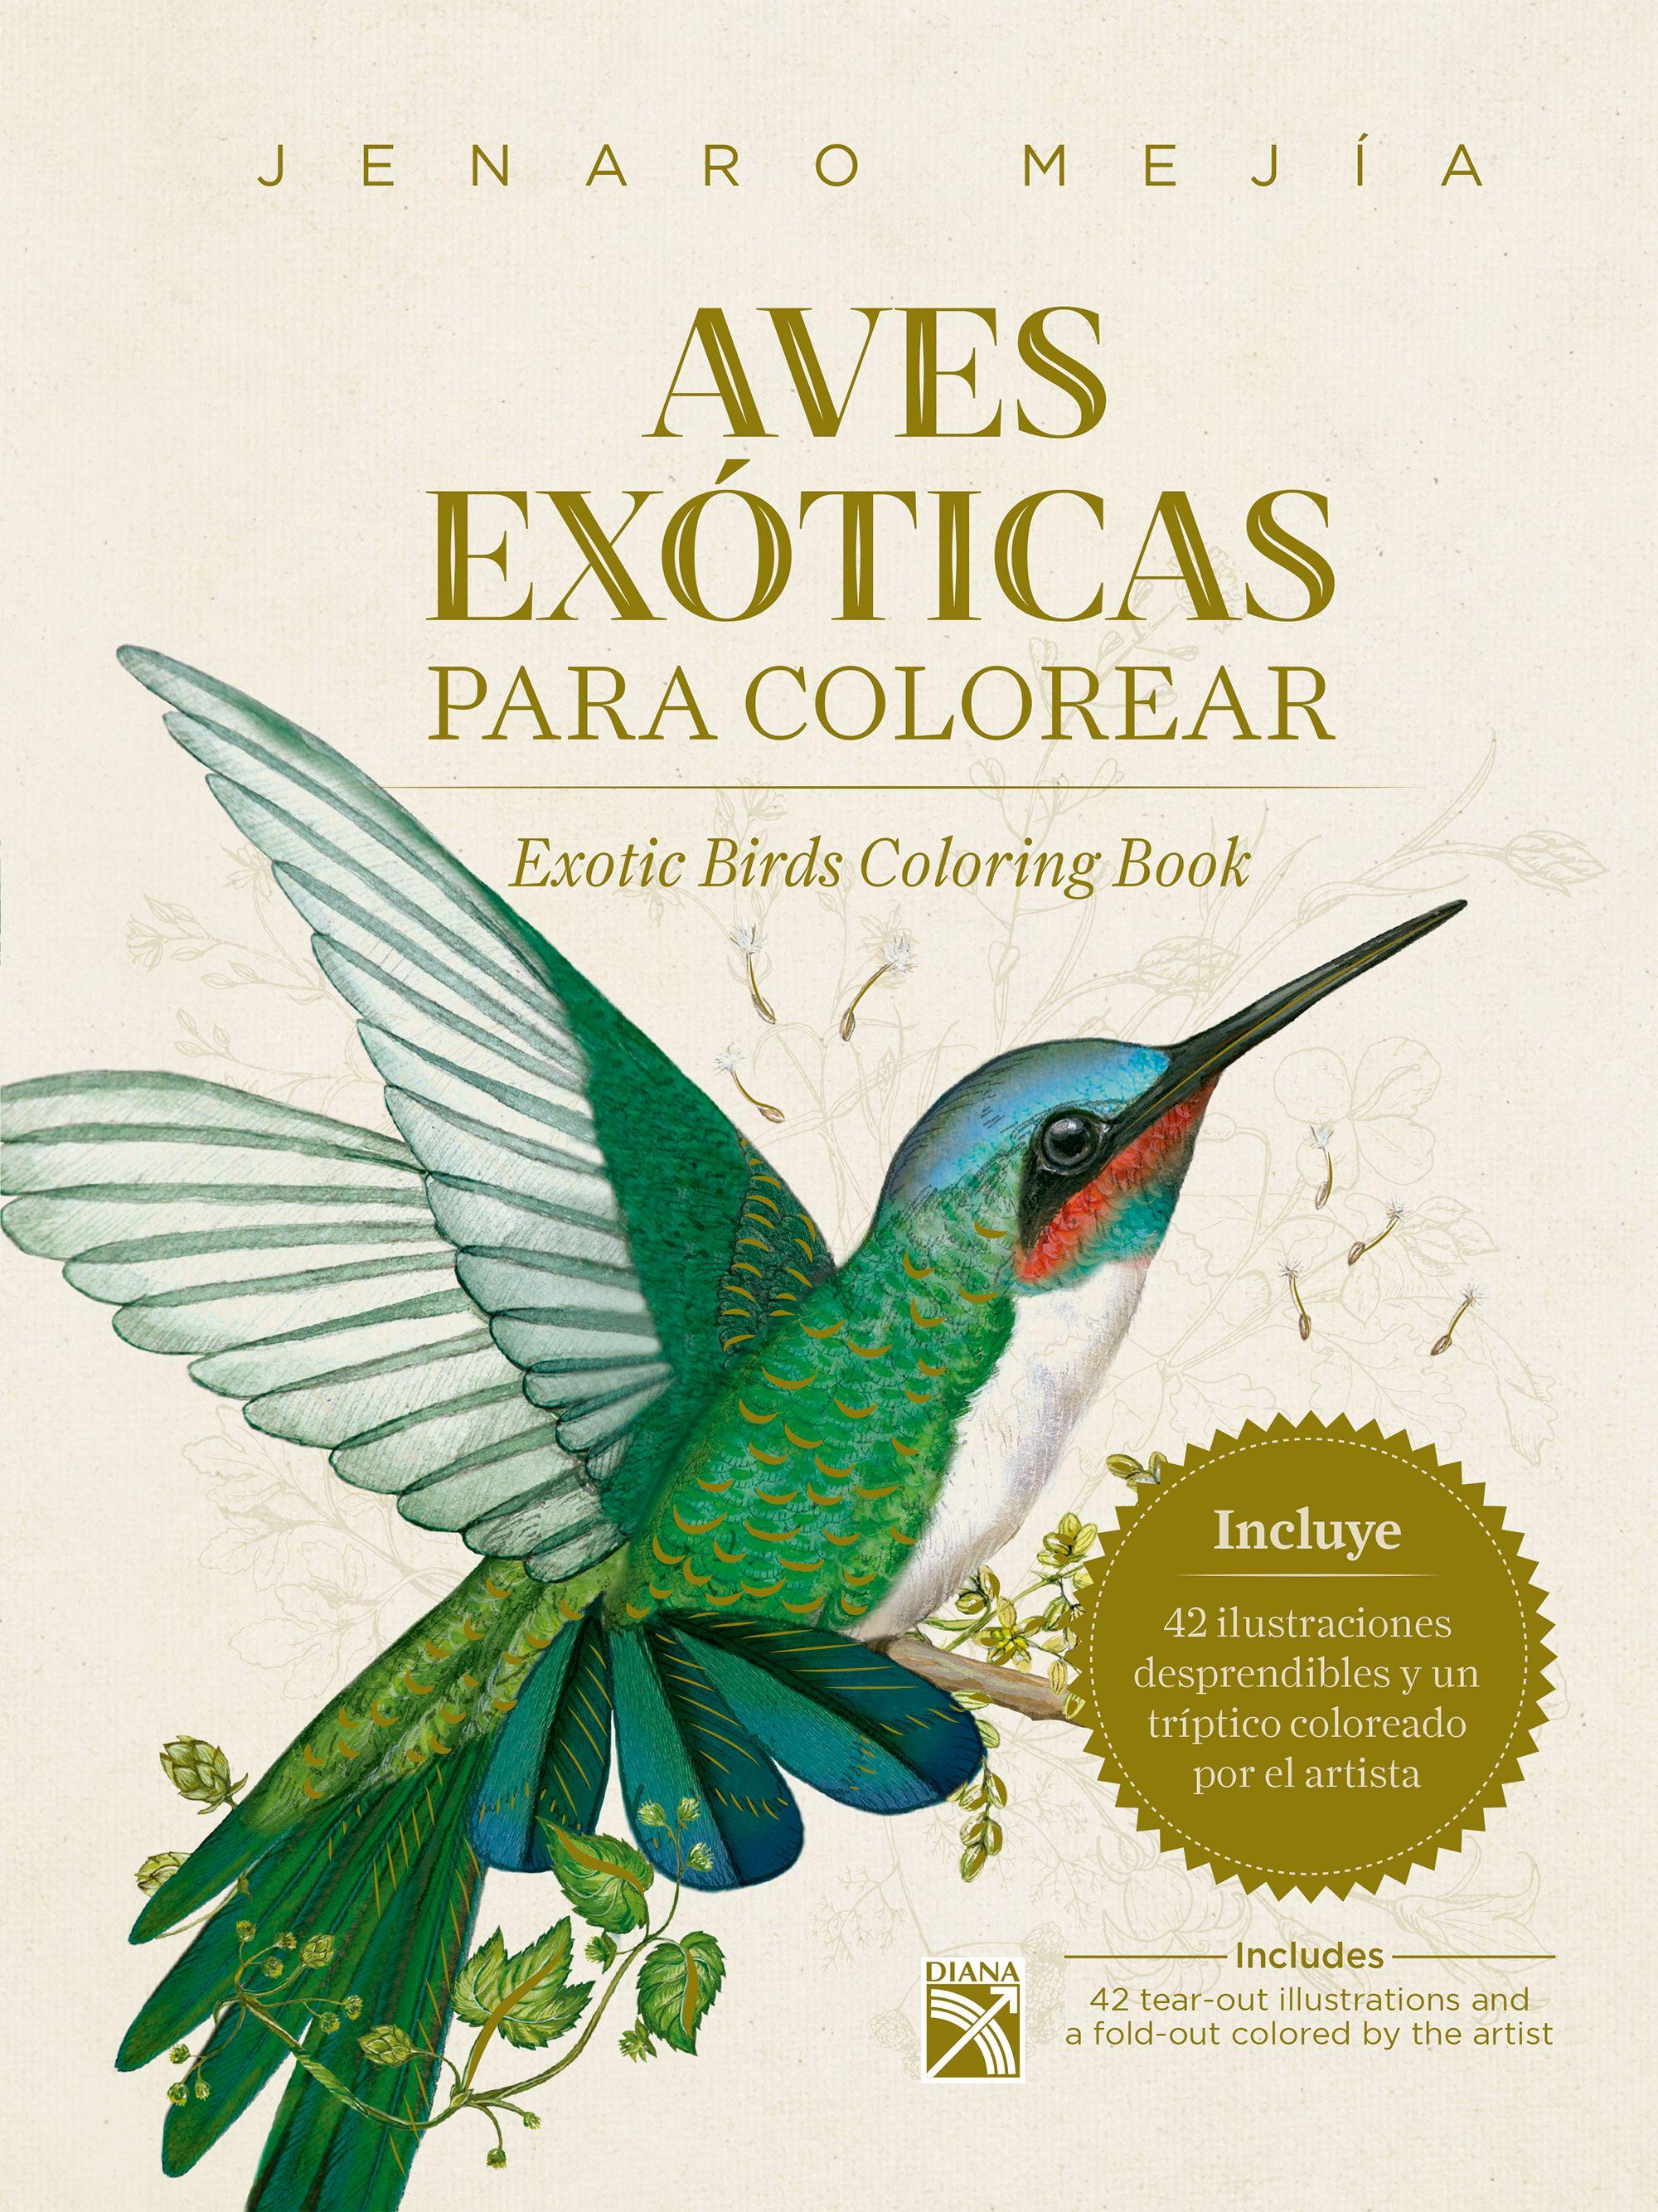 Famoso Artista Para Colorear Libros Motivo - Ideas Para Colorear ...